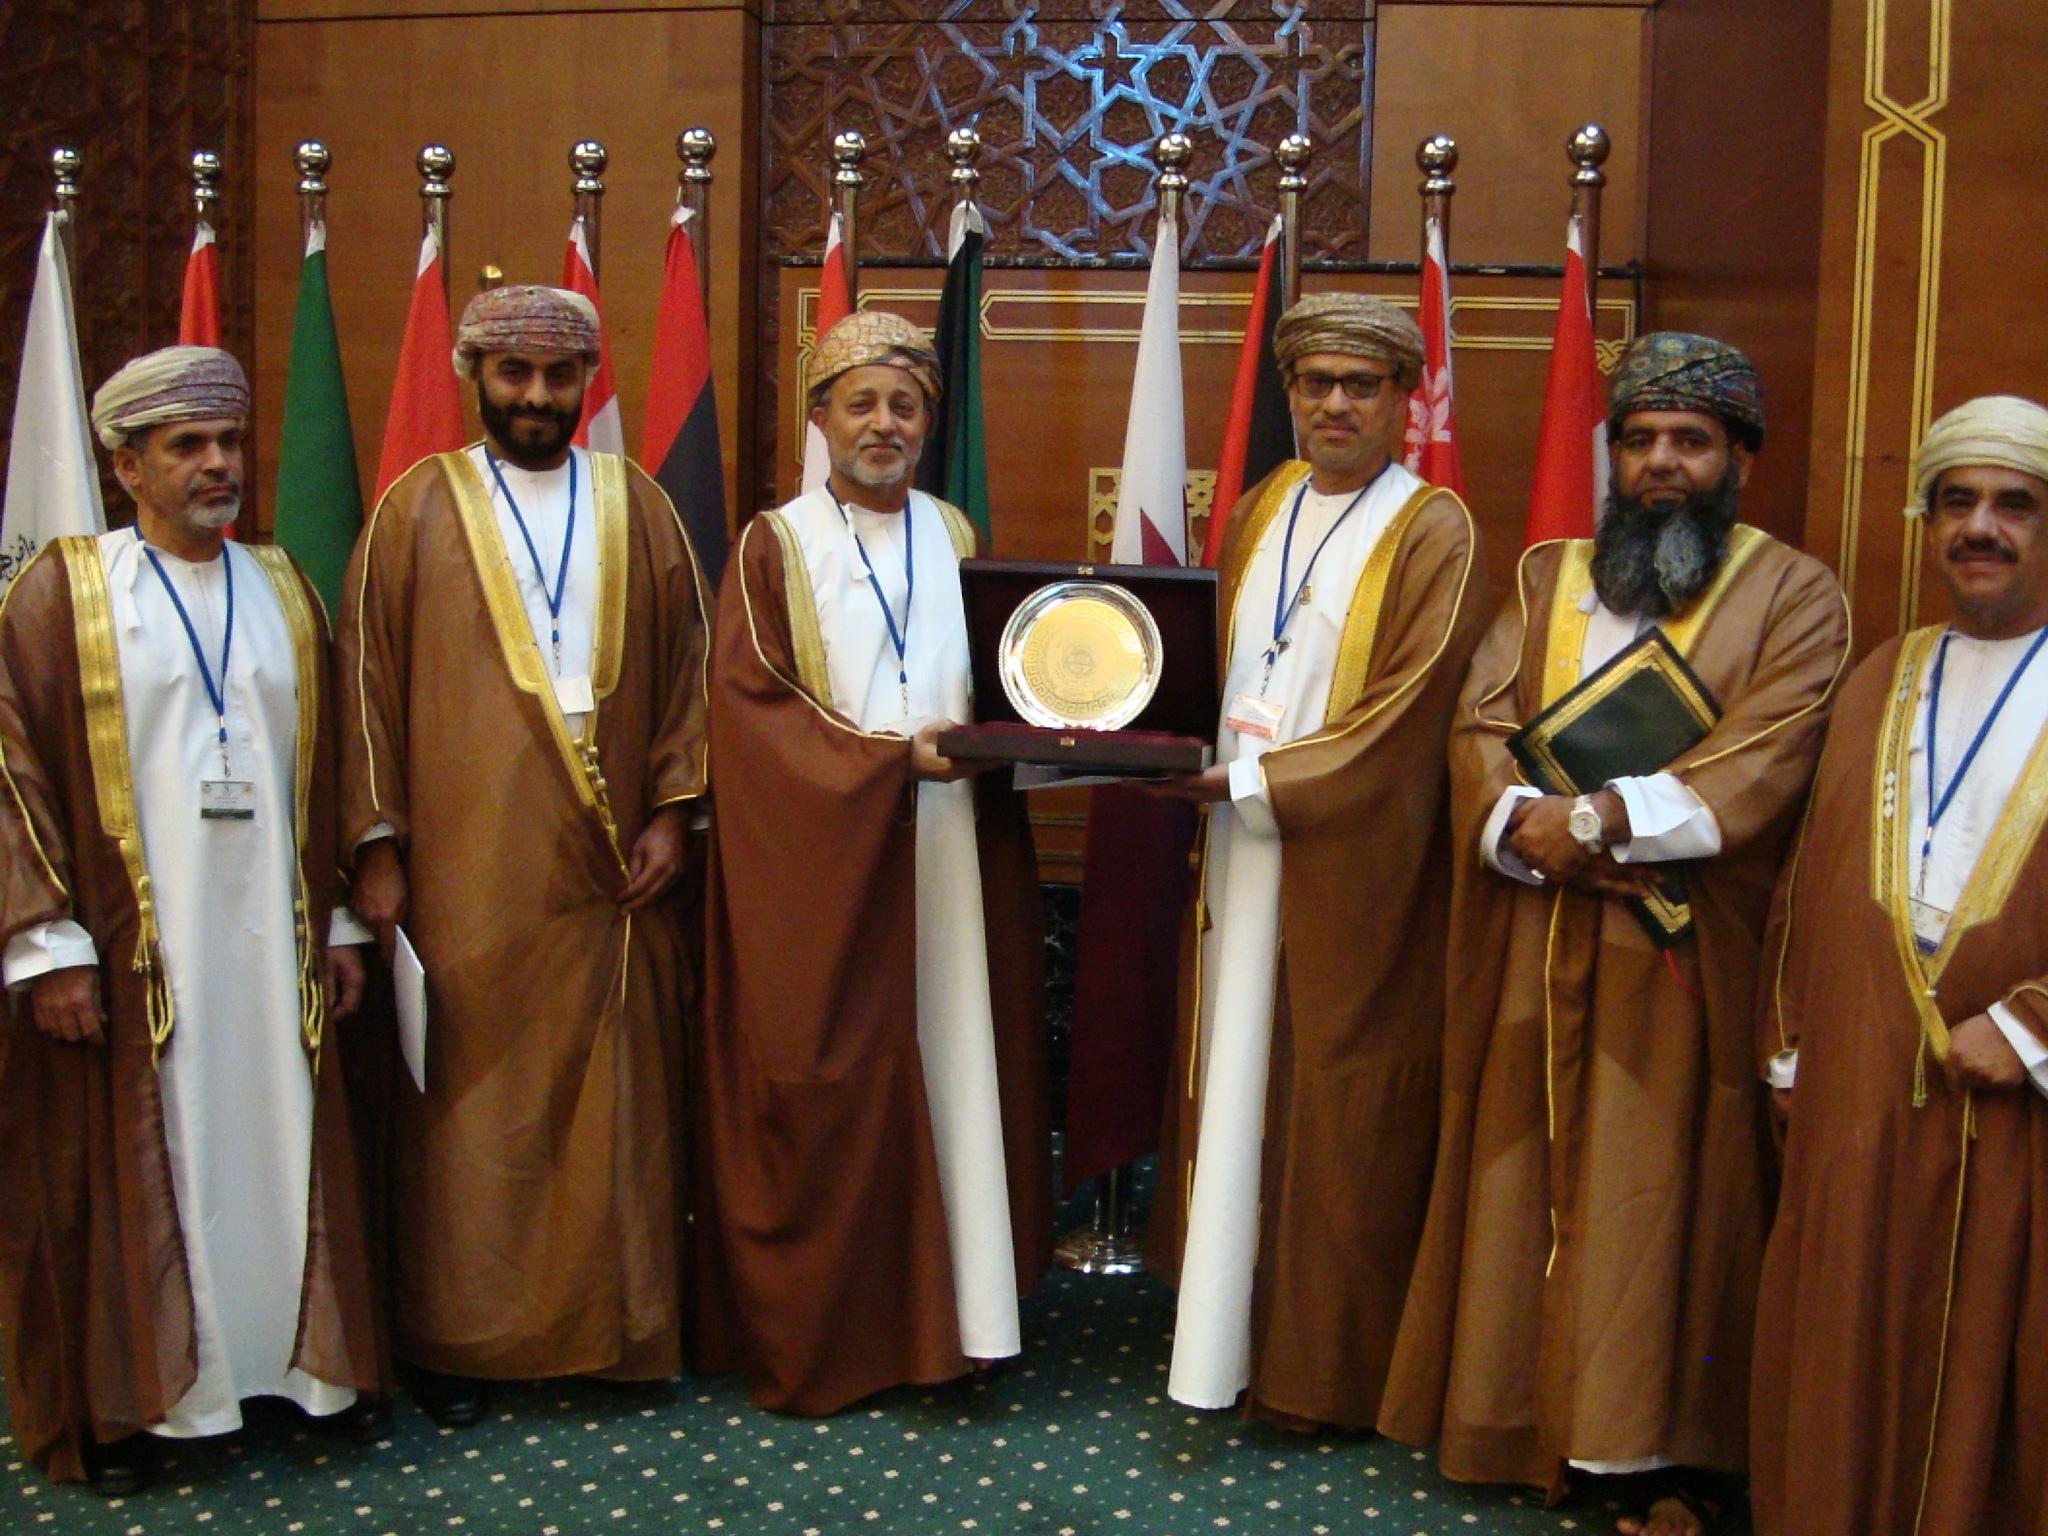 السلطنة تفوز بجائز لجنة التميز البرلماني العربي عن فئة أمين عام البرلمان